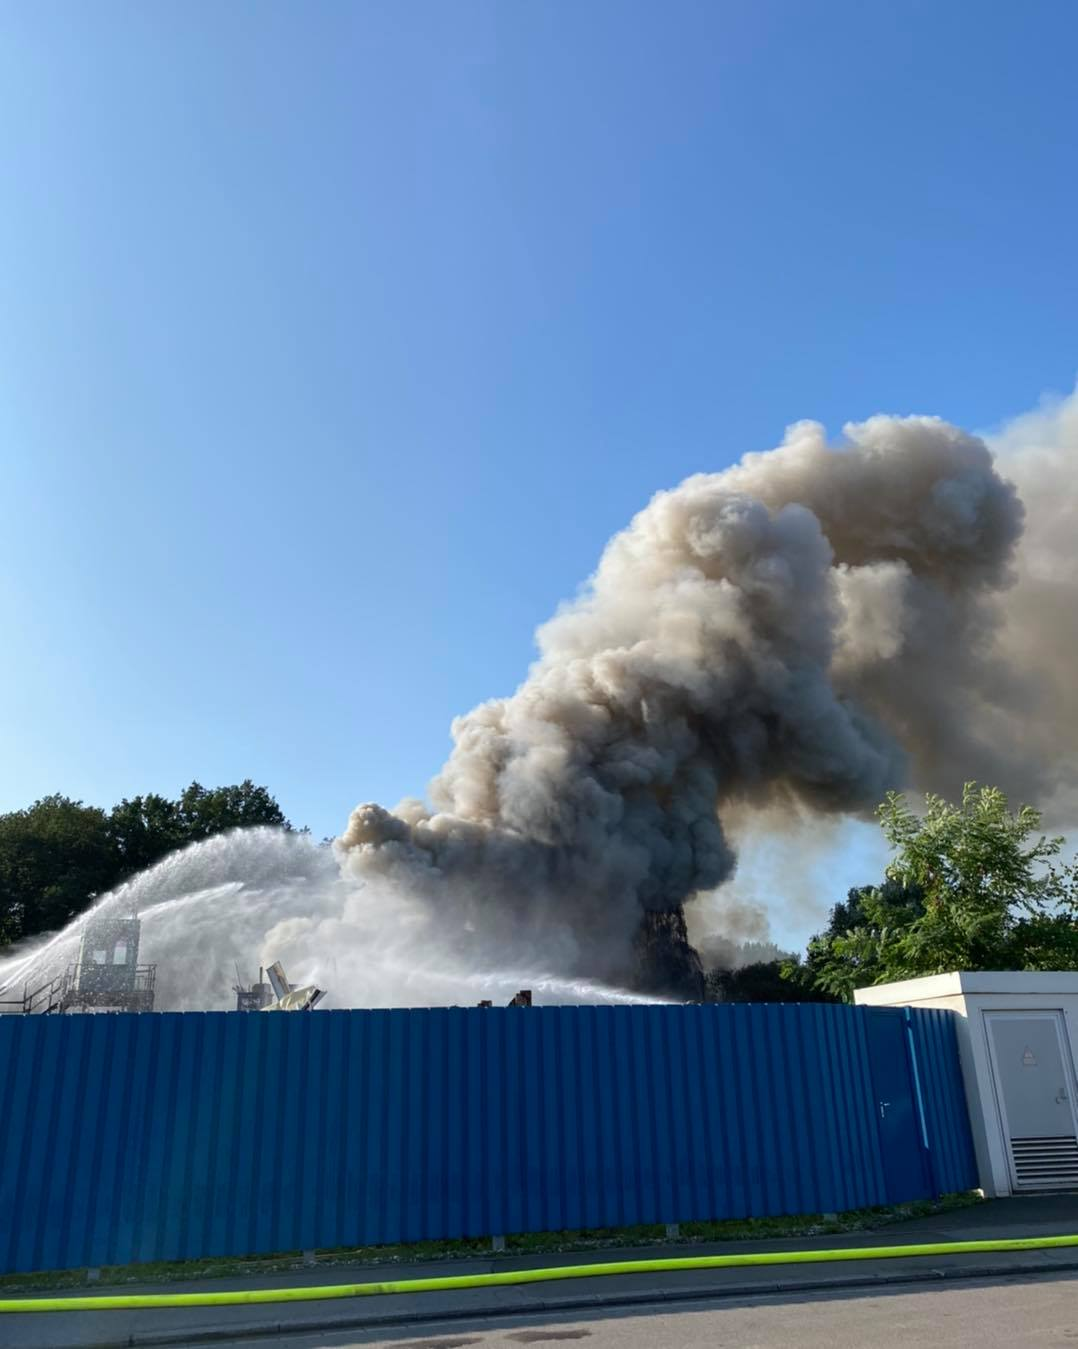 Großbrand Homburg, Bild Feuerwehr Homburg